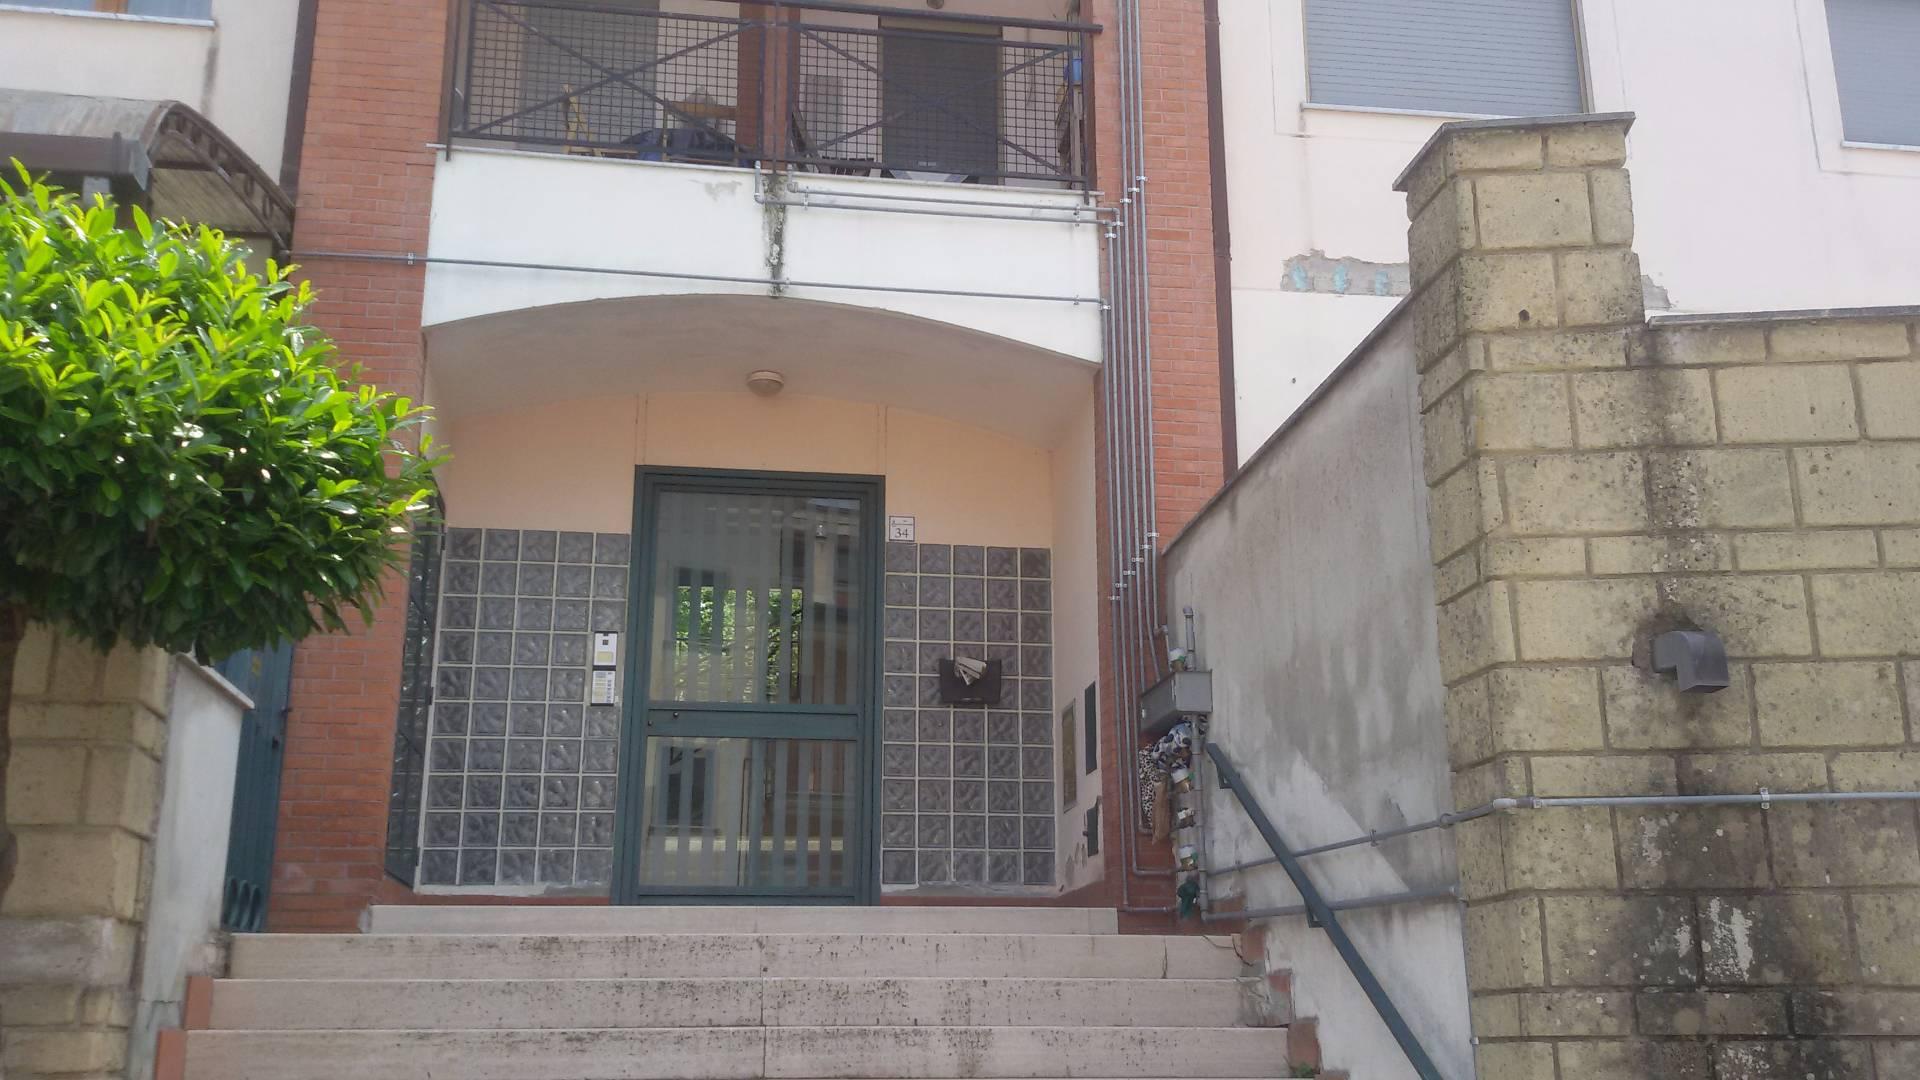 Attico / Mansarda in affitto a Fisciano, 3 locali, prezzo € 300 | Cambio Casa.it